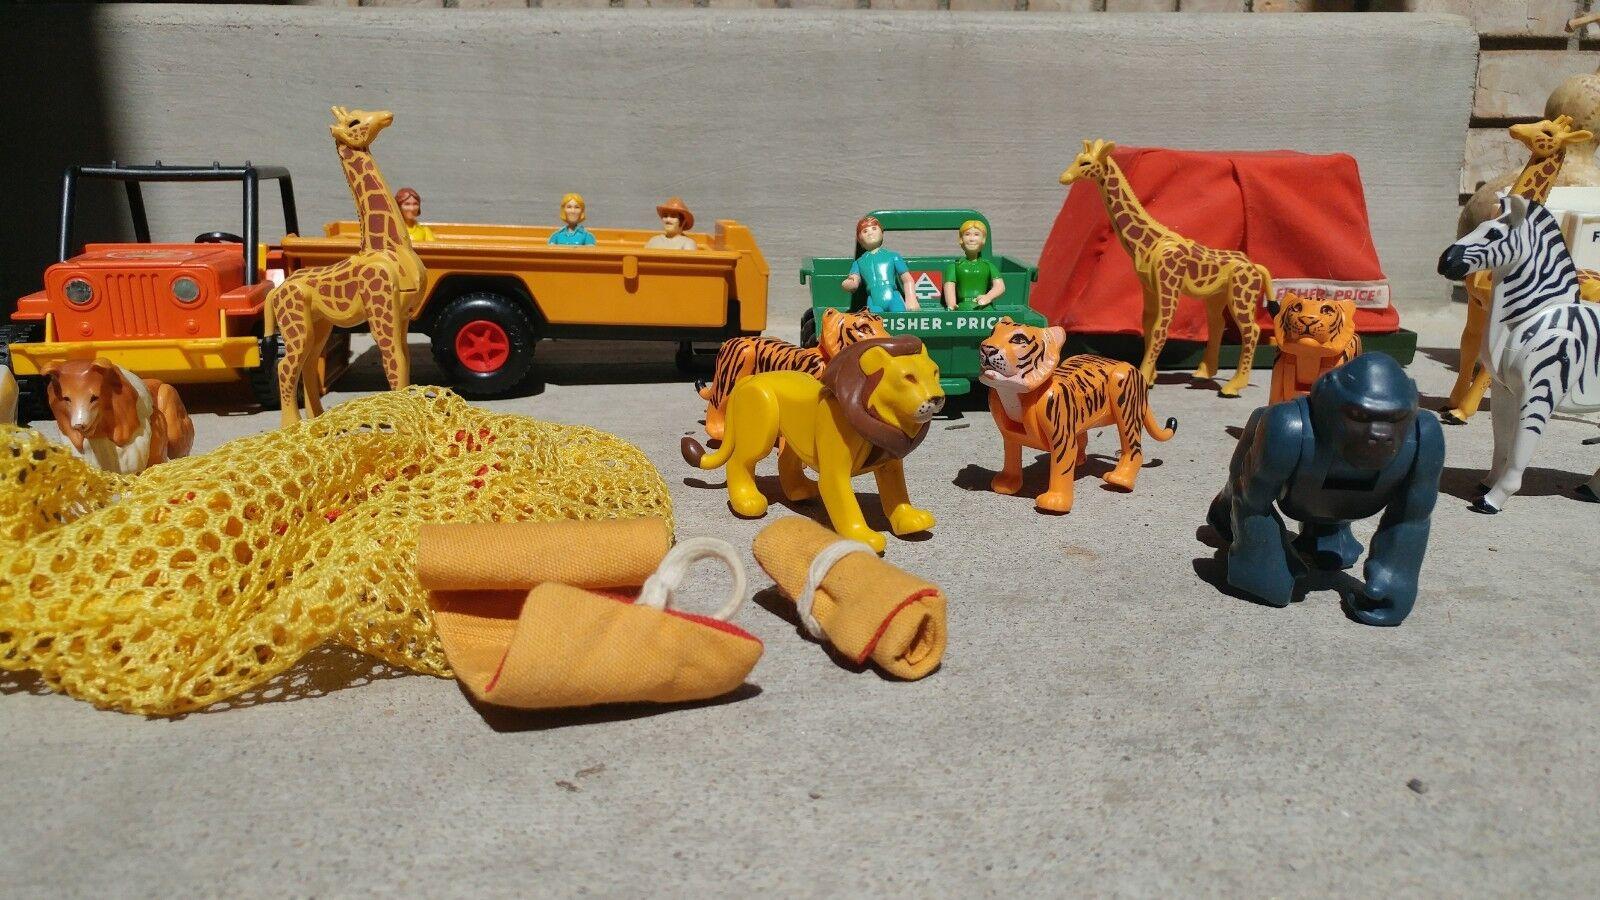 Fischer preis safari - set